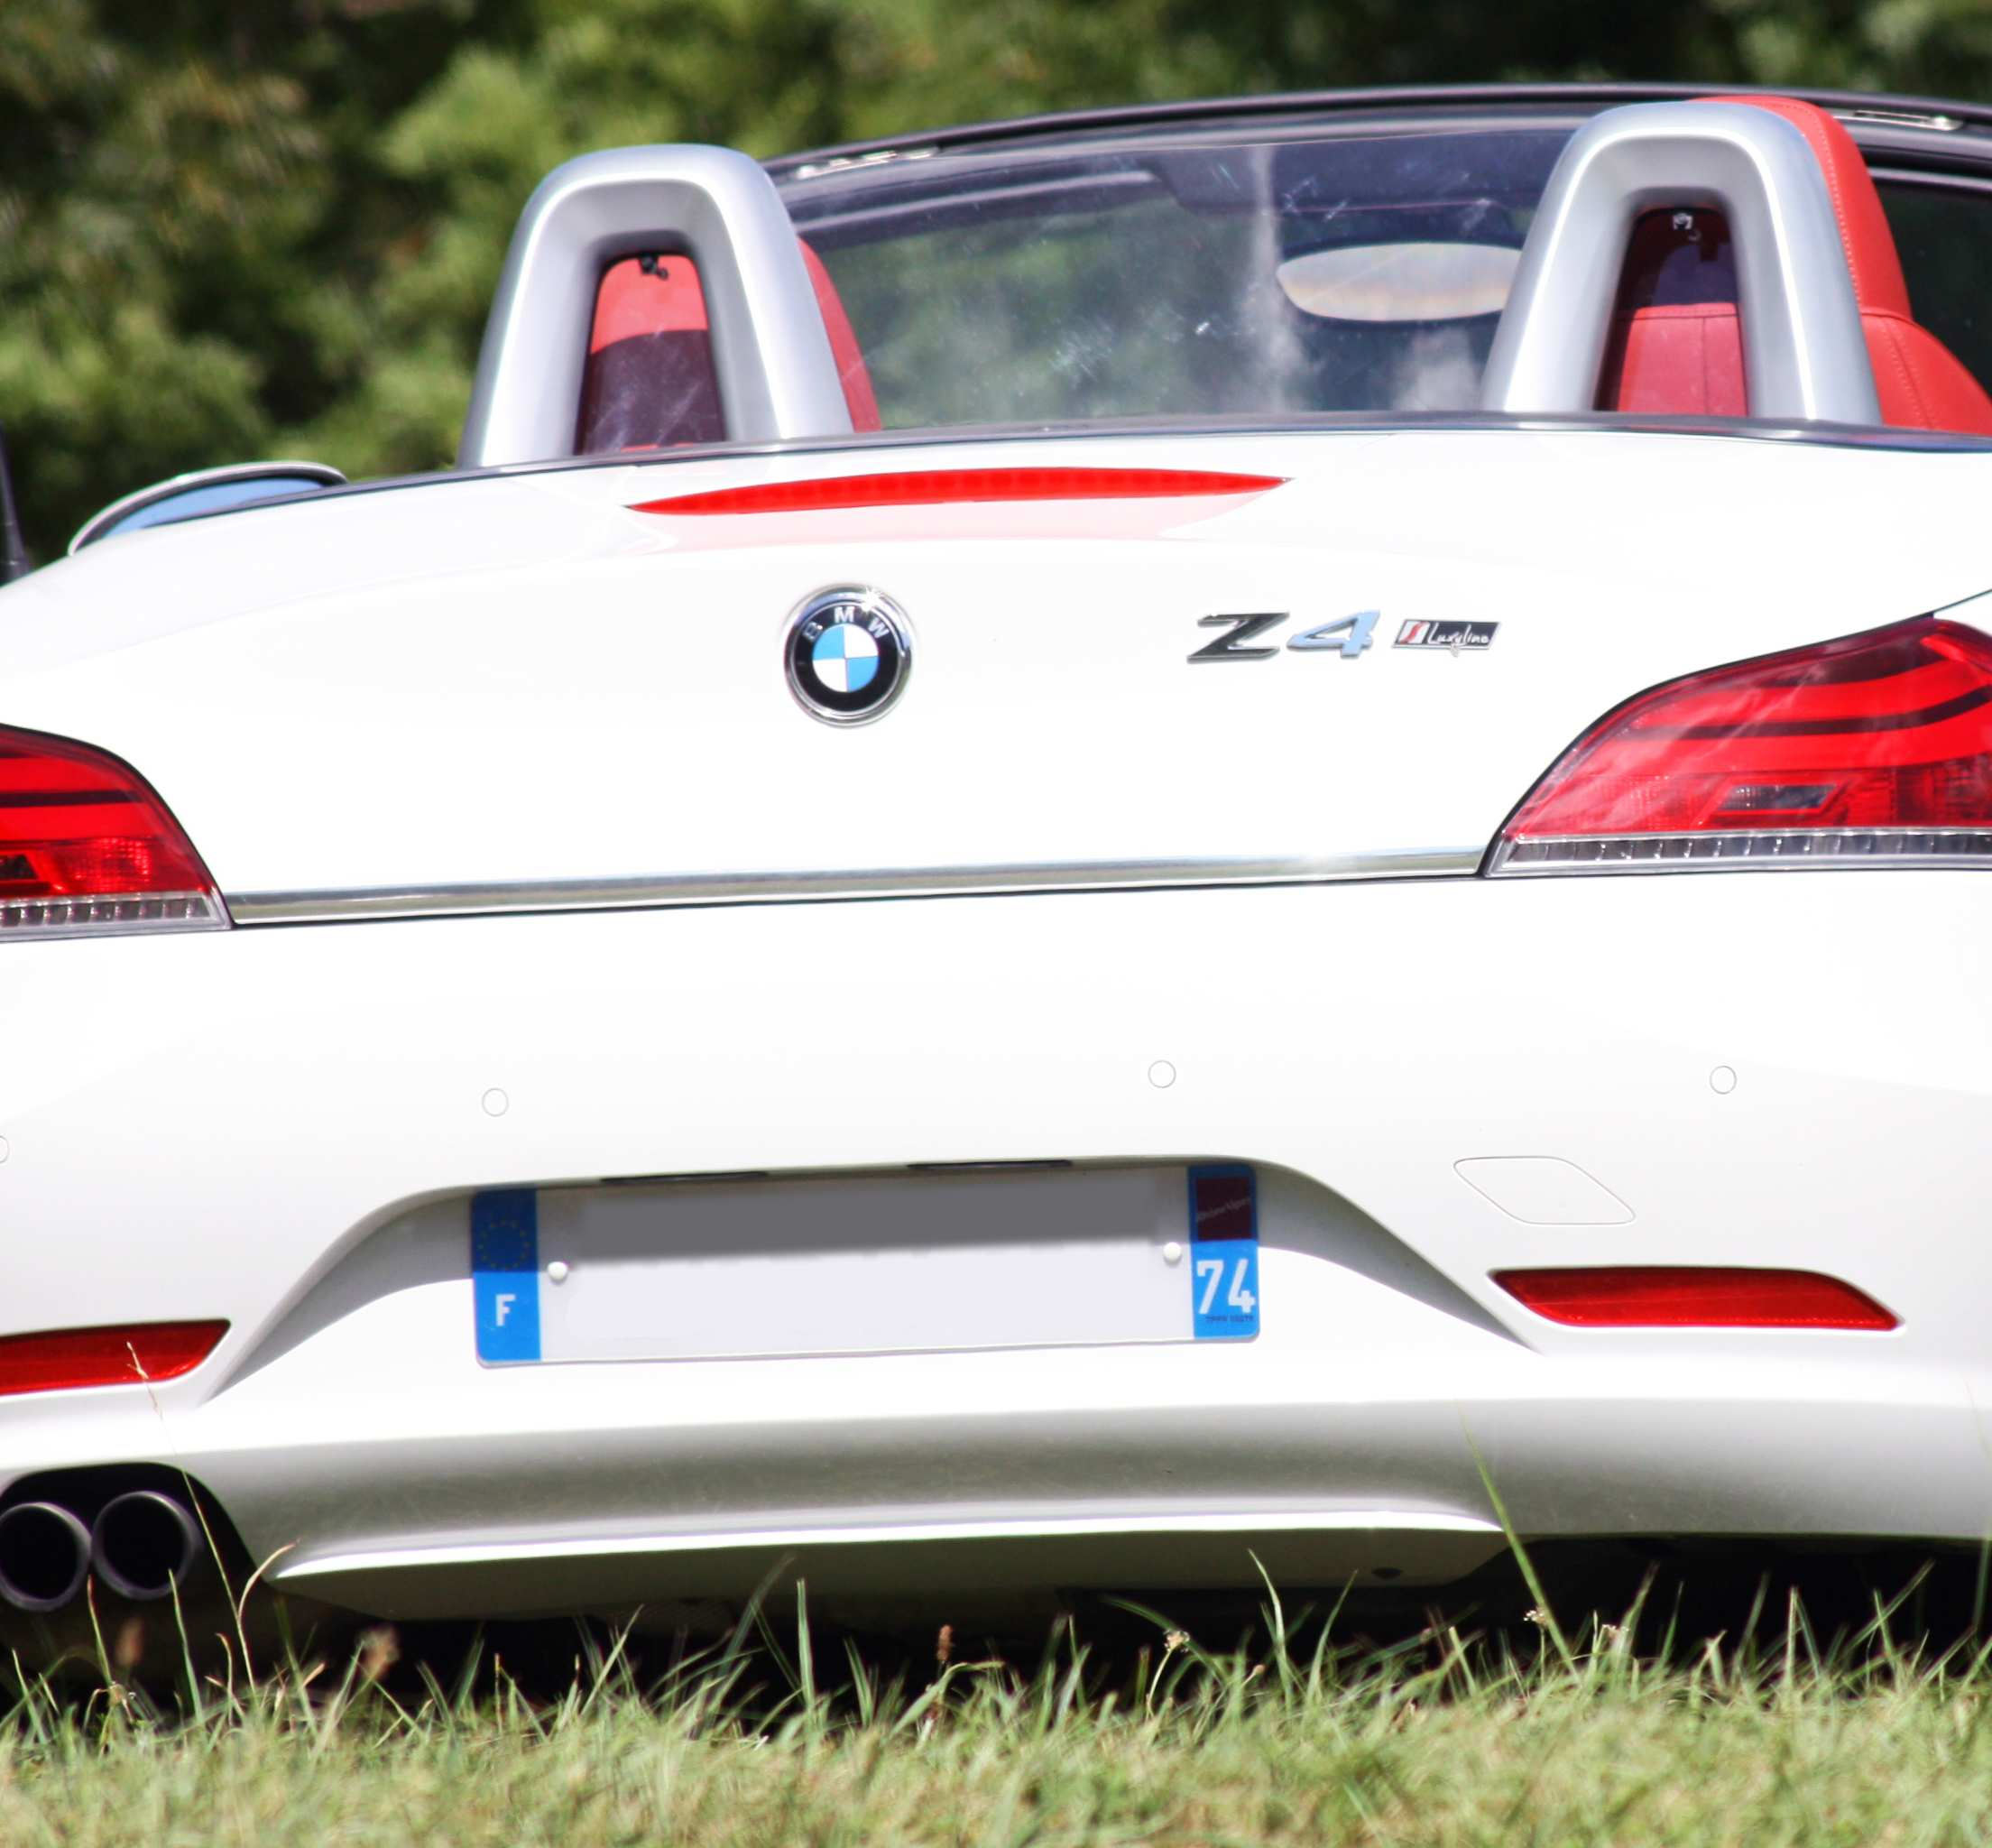 Bmw Z4 Boot: Trunk Chrome Trim BMW Z4